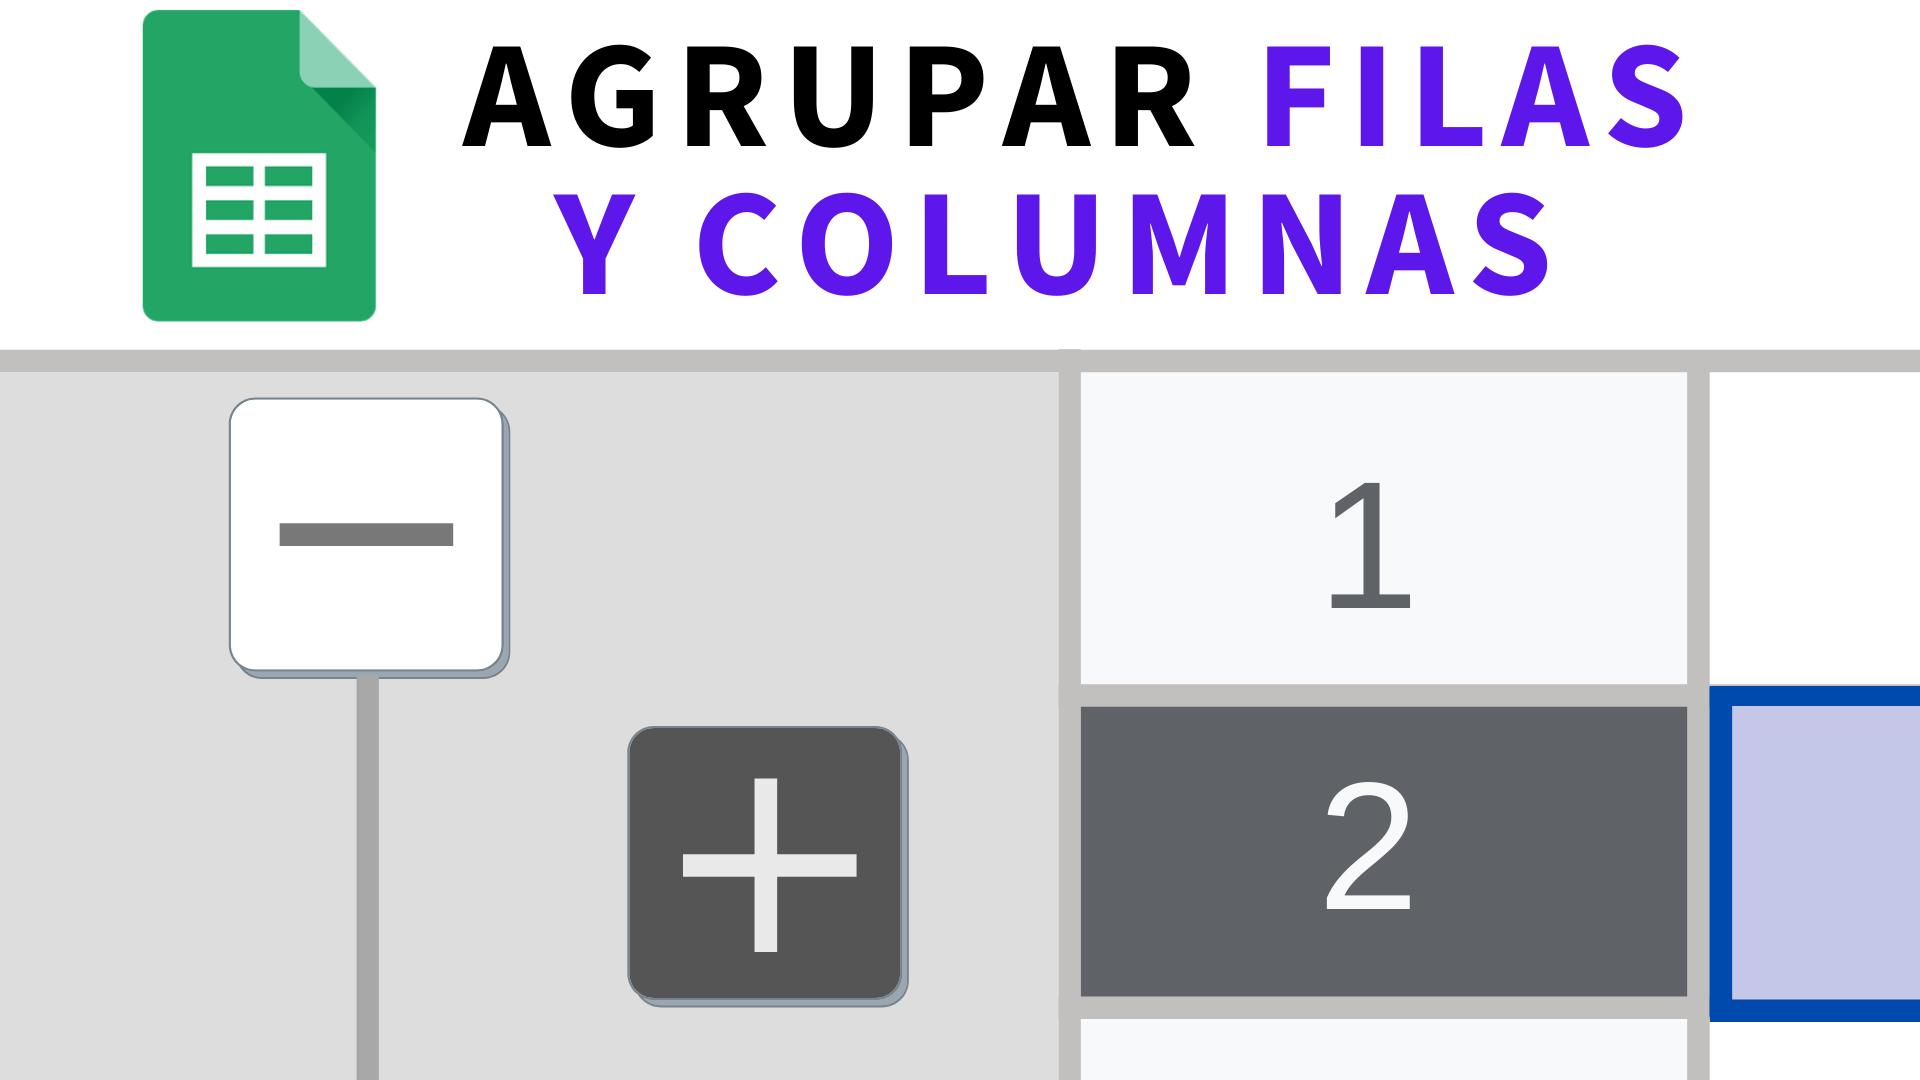 Agrupar filas y columnas en hojas de cálculo de Google Sheets